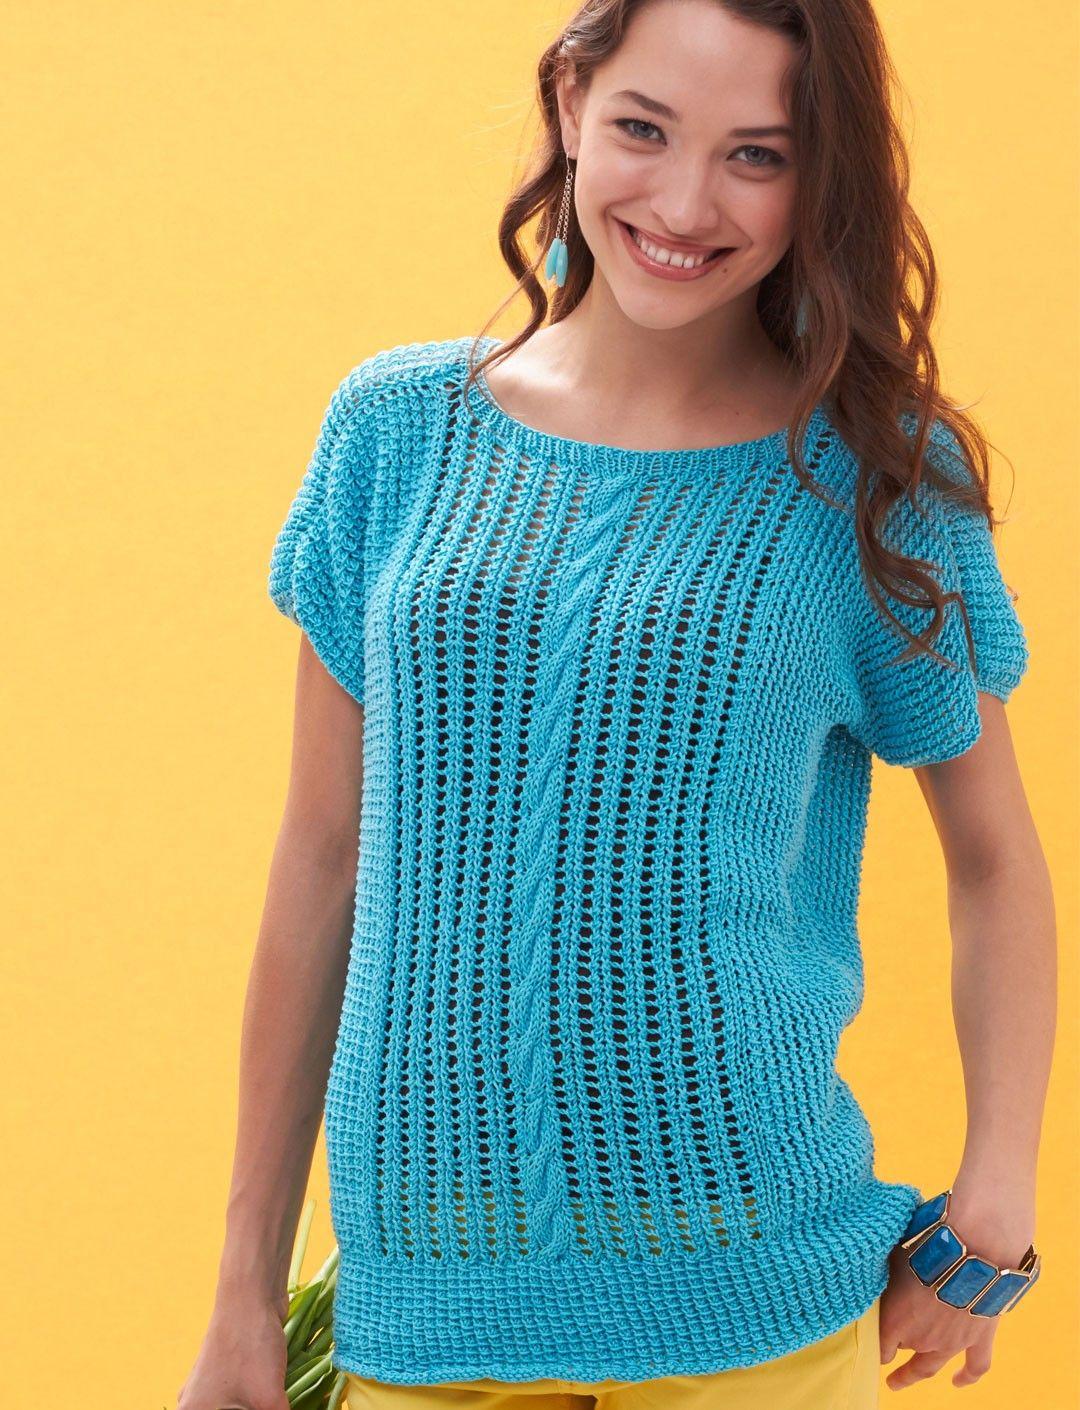 Breezy Dolman Top | Knitwear | Pinterest | Dolman top, Knit patterns ...